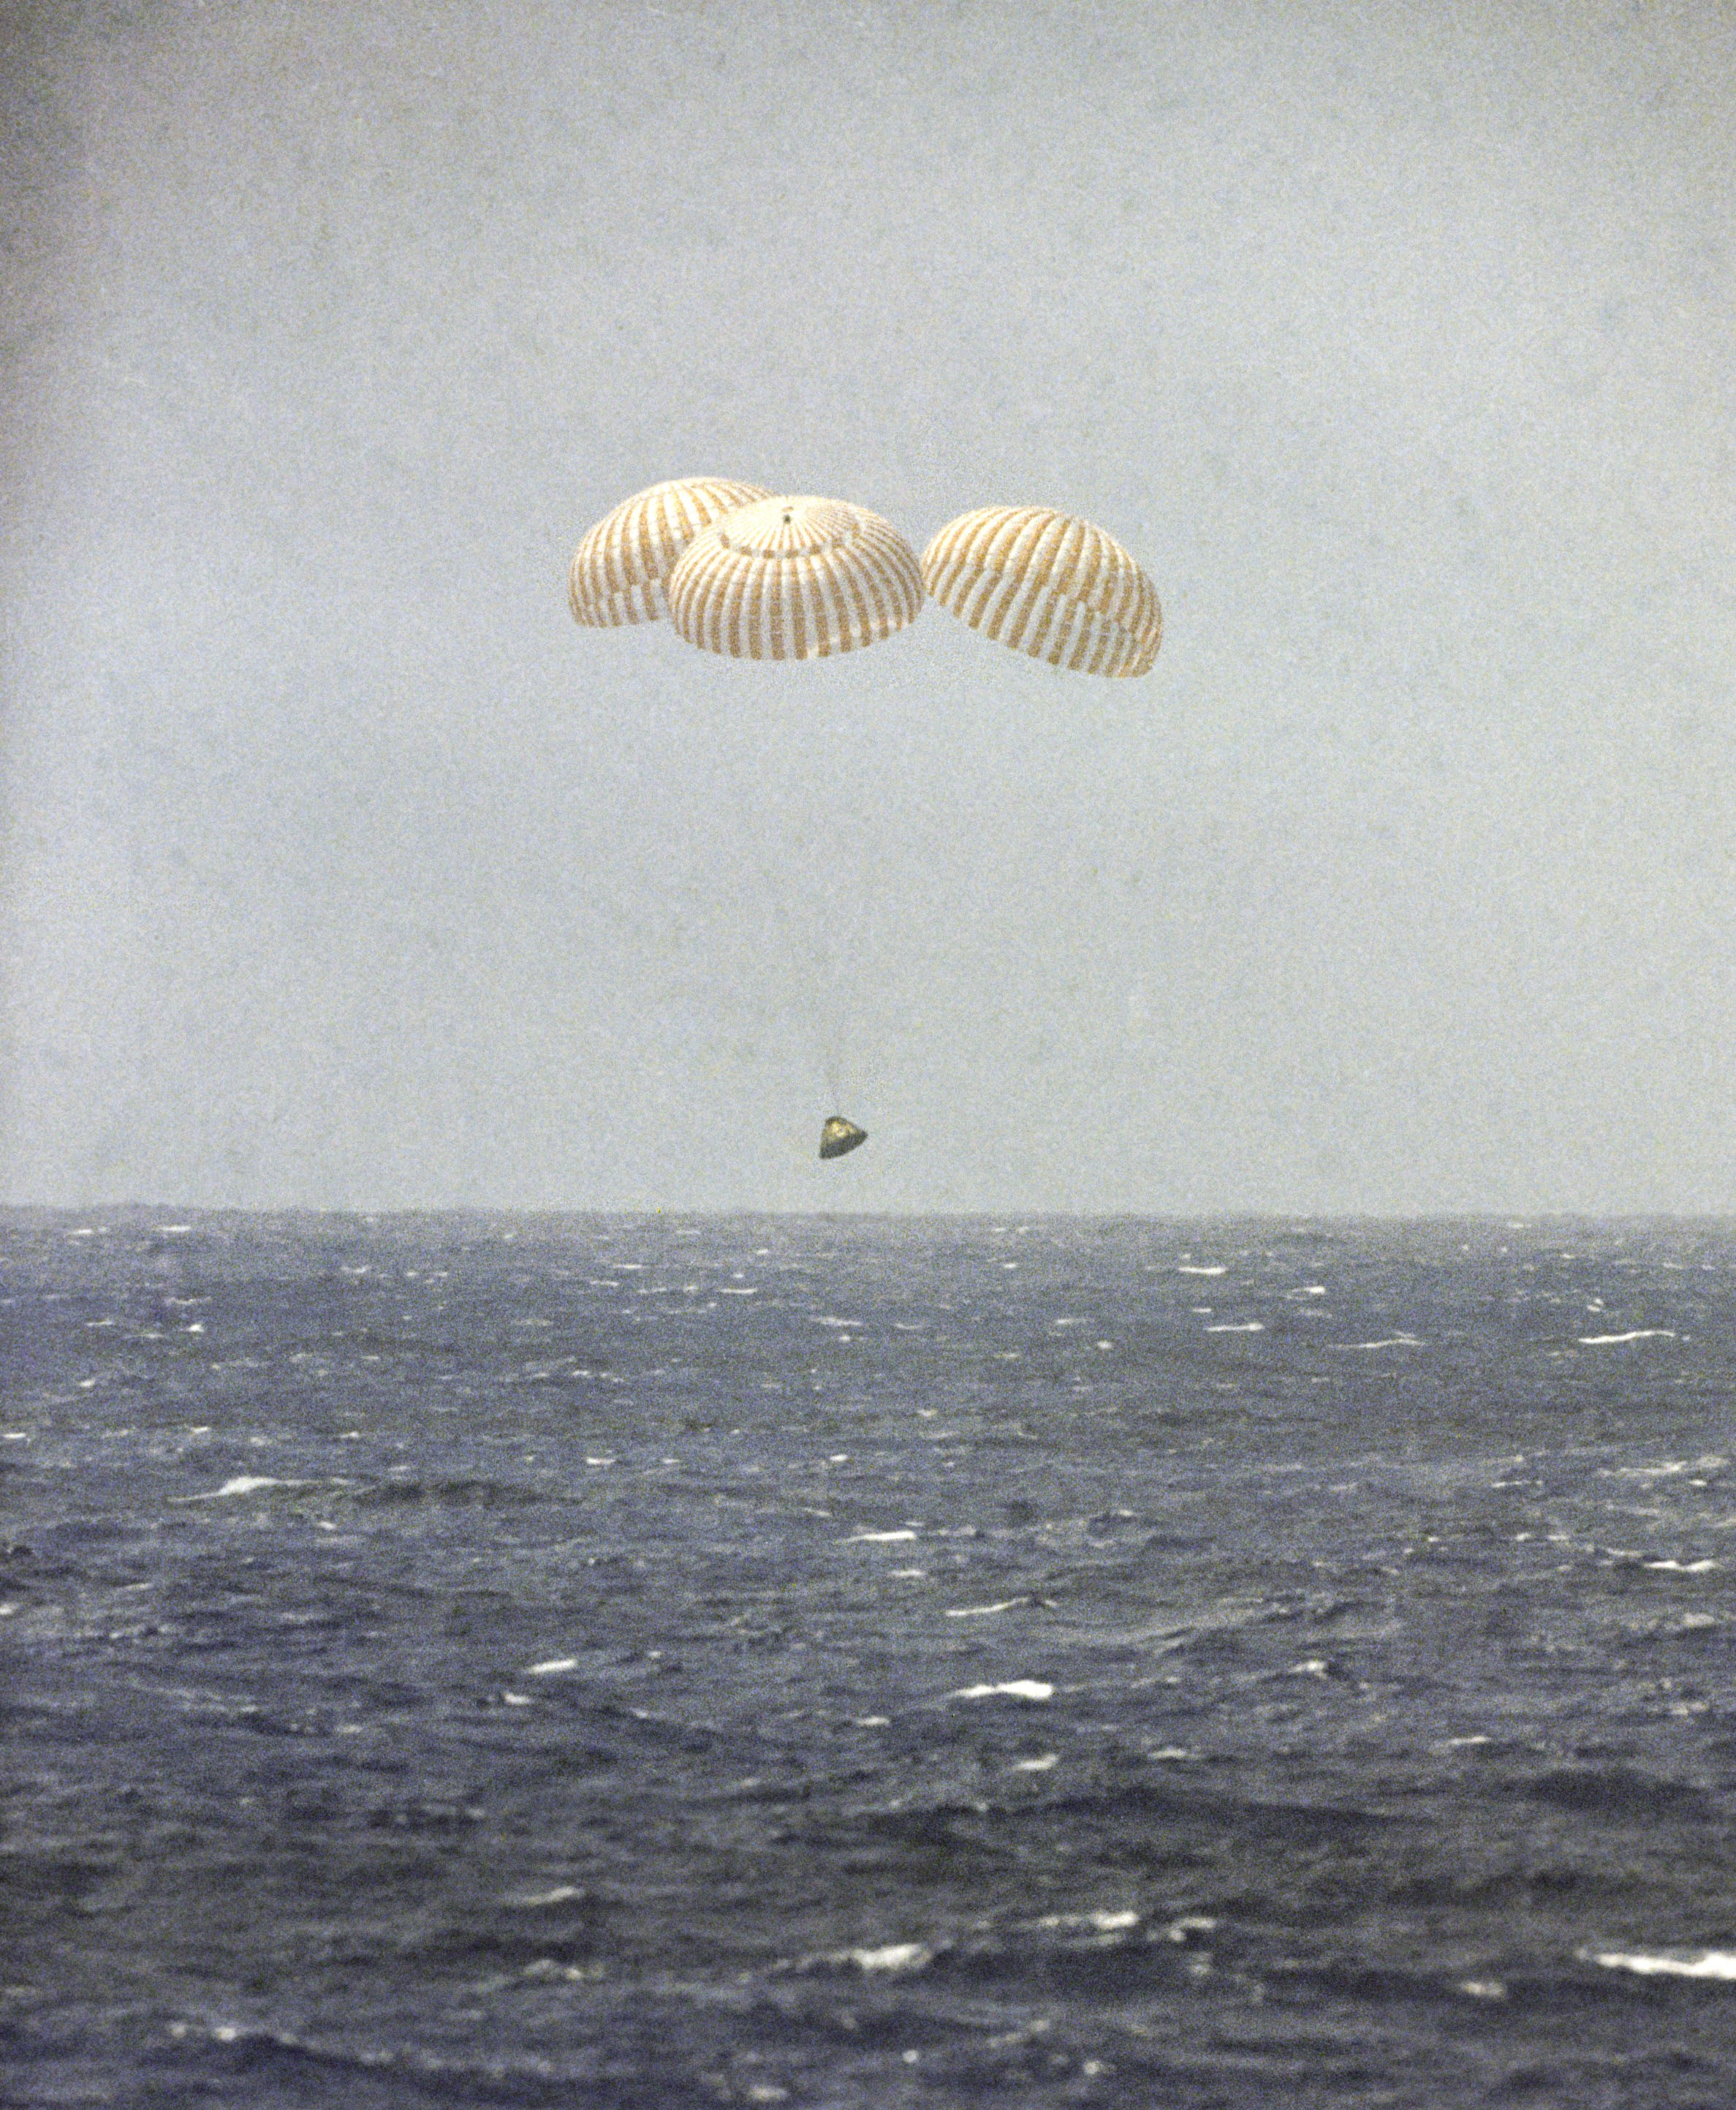 apollo 8 landing - photo #1